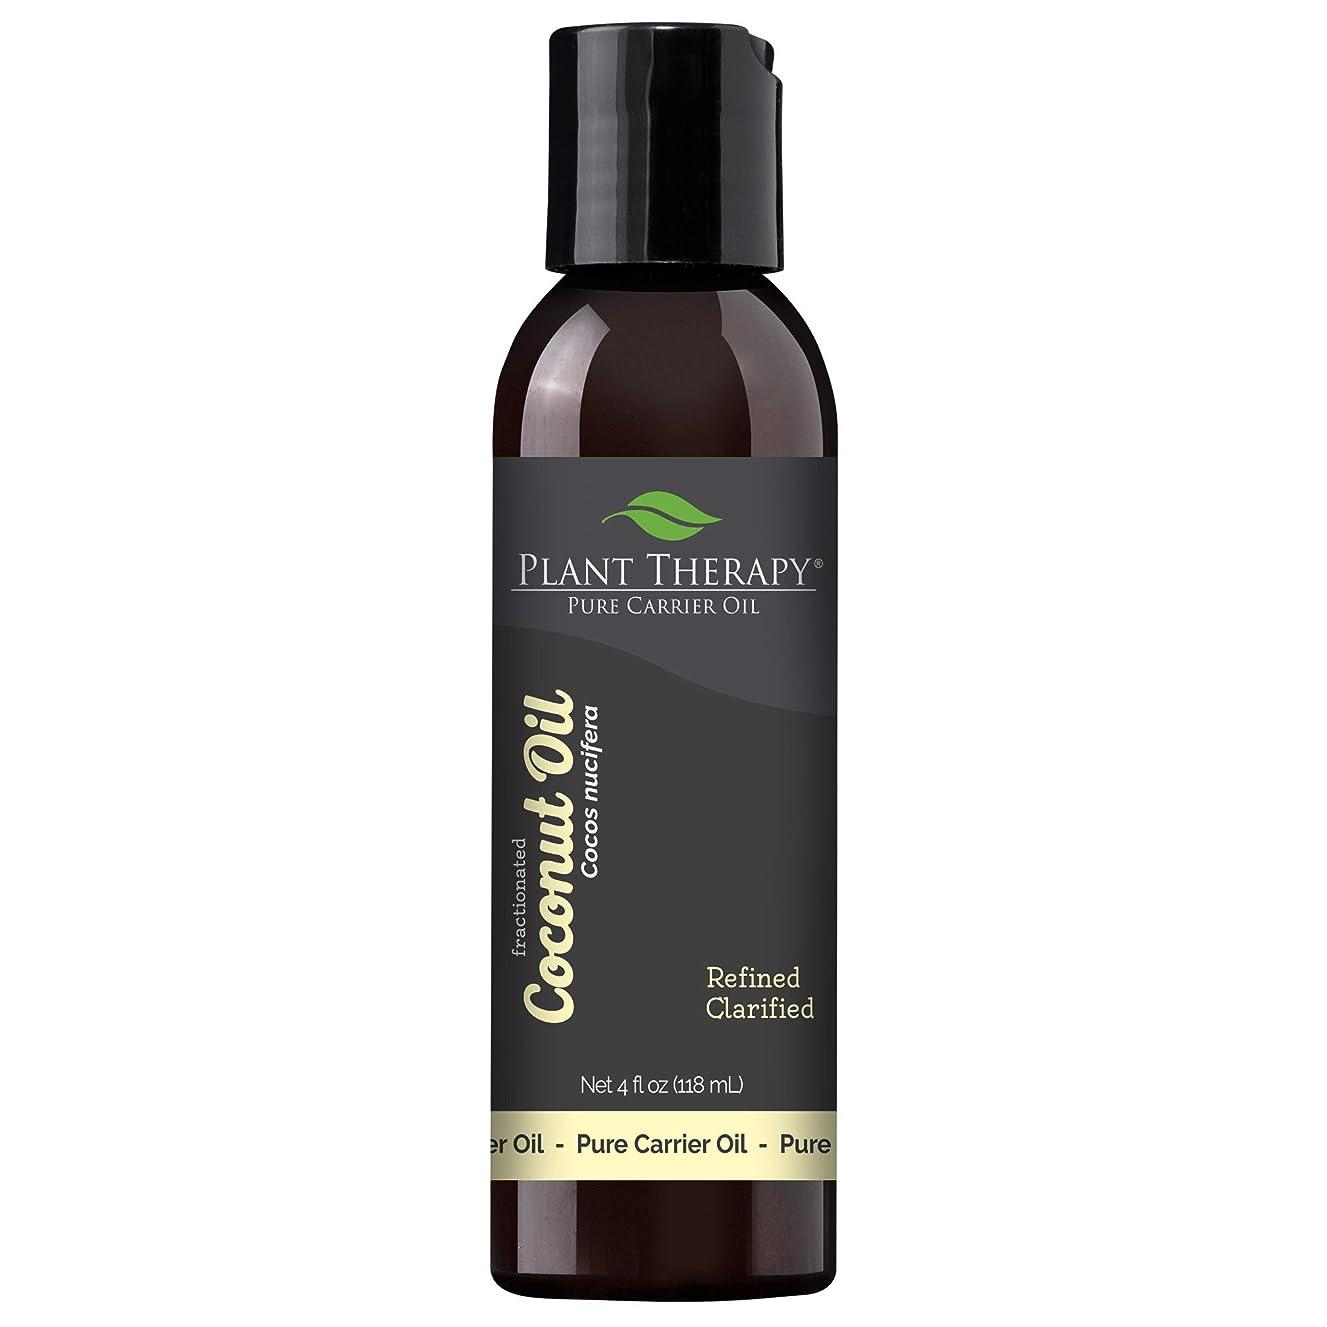 同行する適合する物理Plant Therapy Essential Oils (プラントセラピー エッセンシャルオイル) ココナッツ (分別蒸留) 4 オンス キャリアオイル